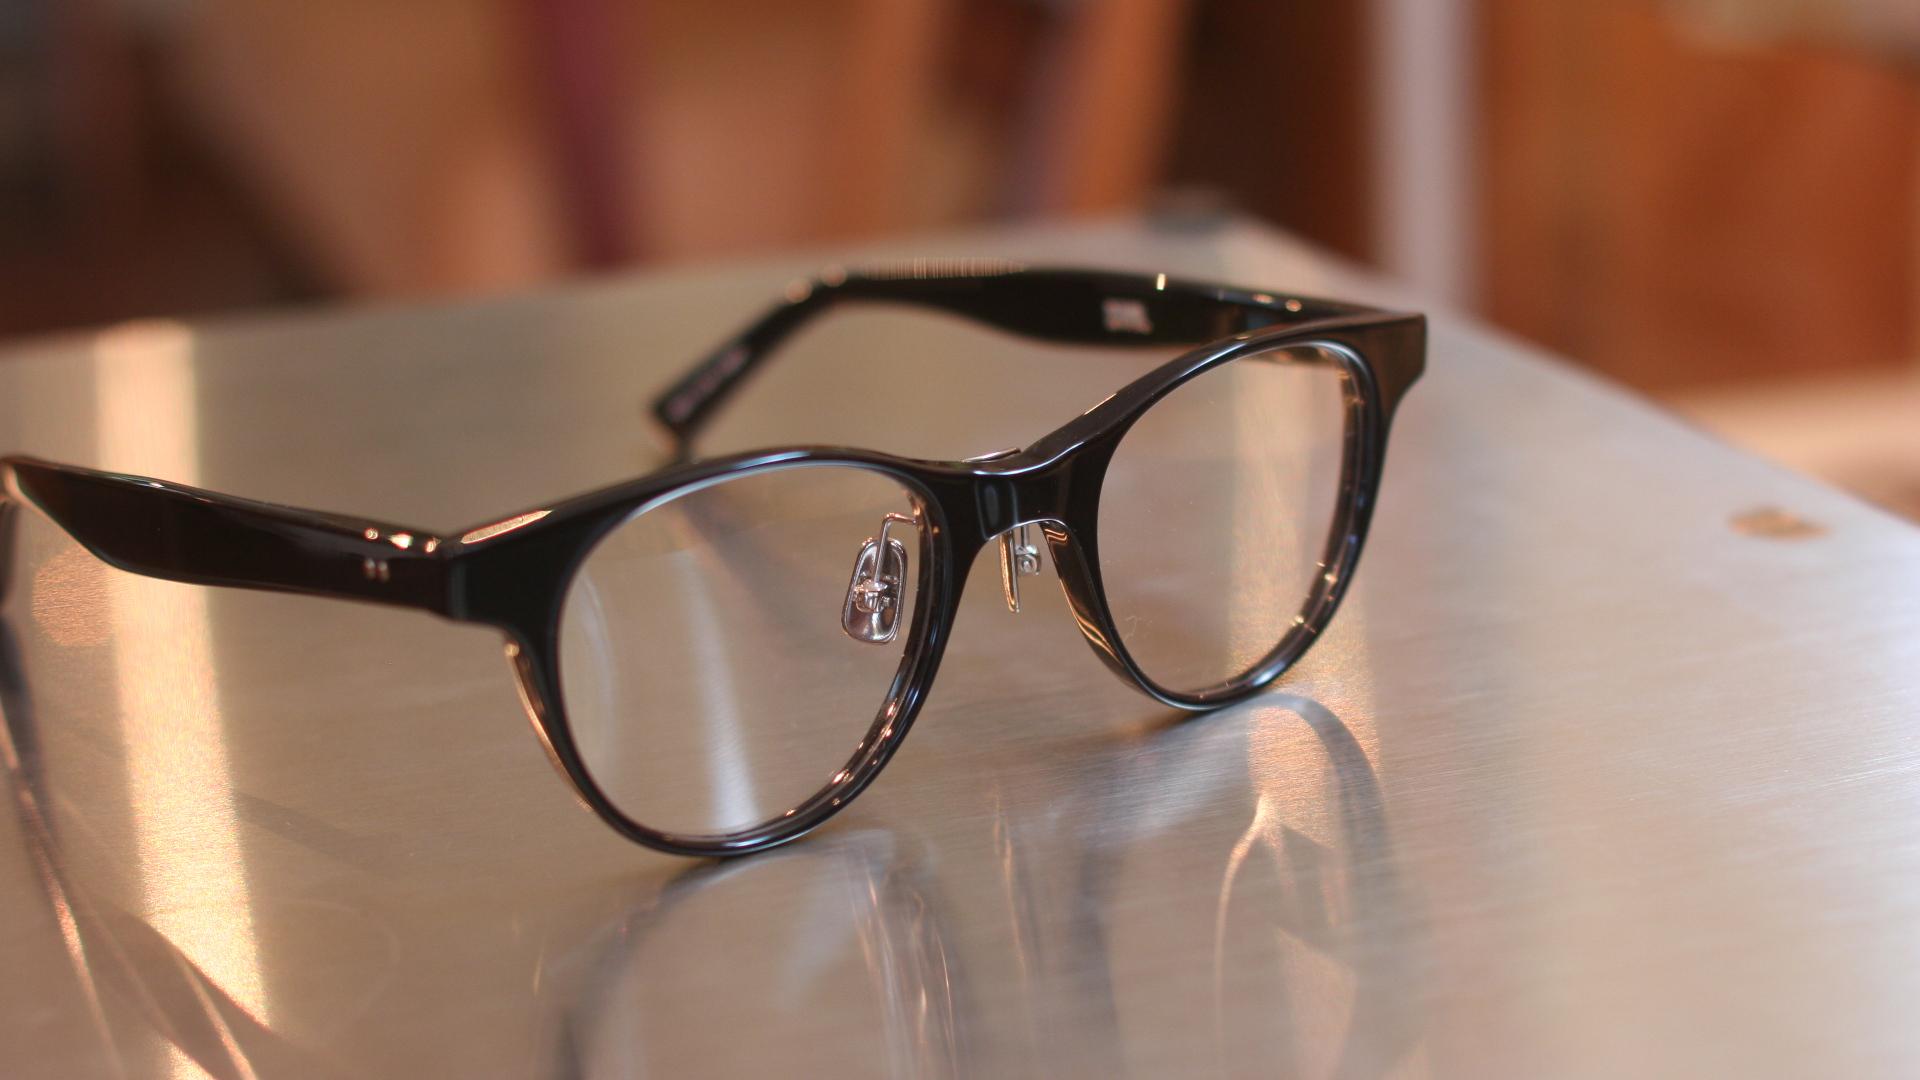 おシャレなメガネ DJUAL | 静岡 海野眼鏡店